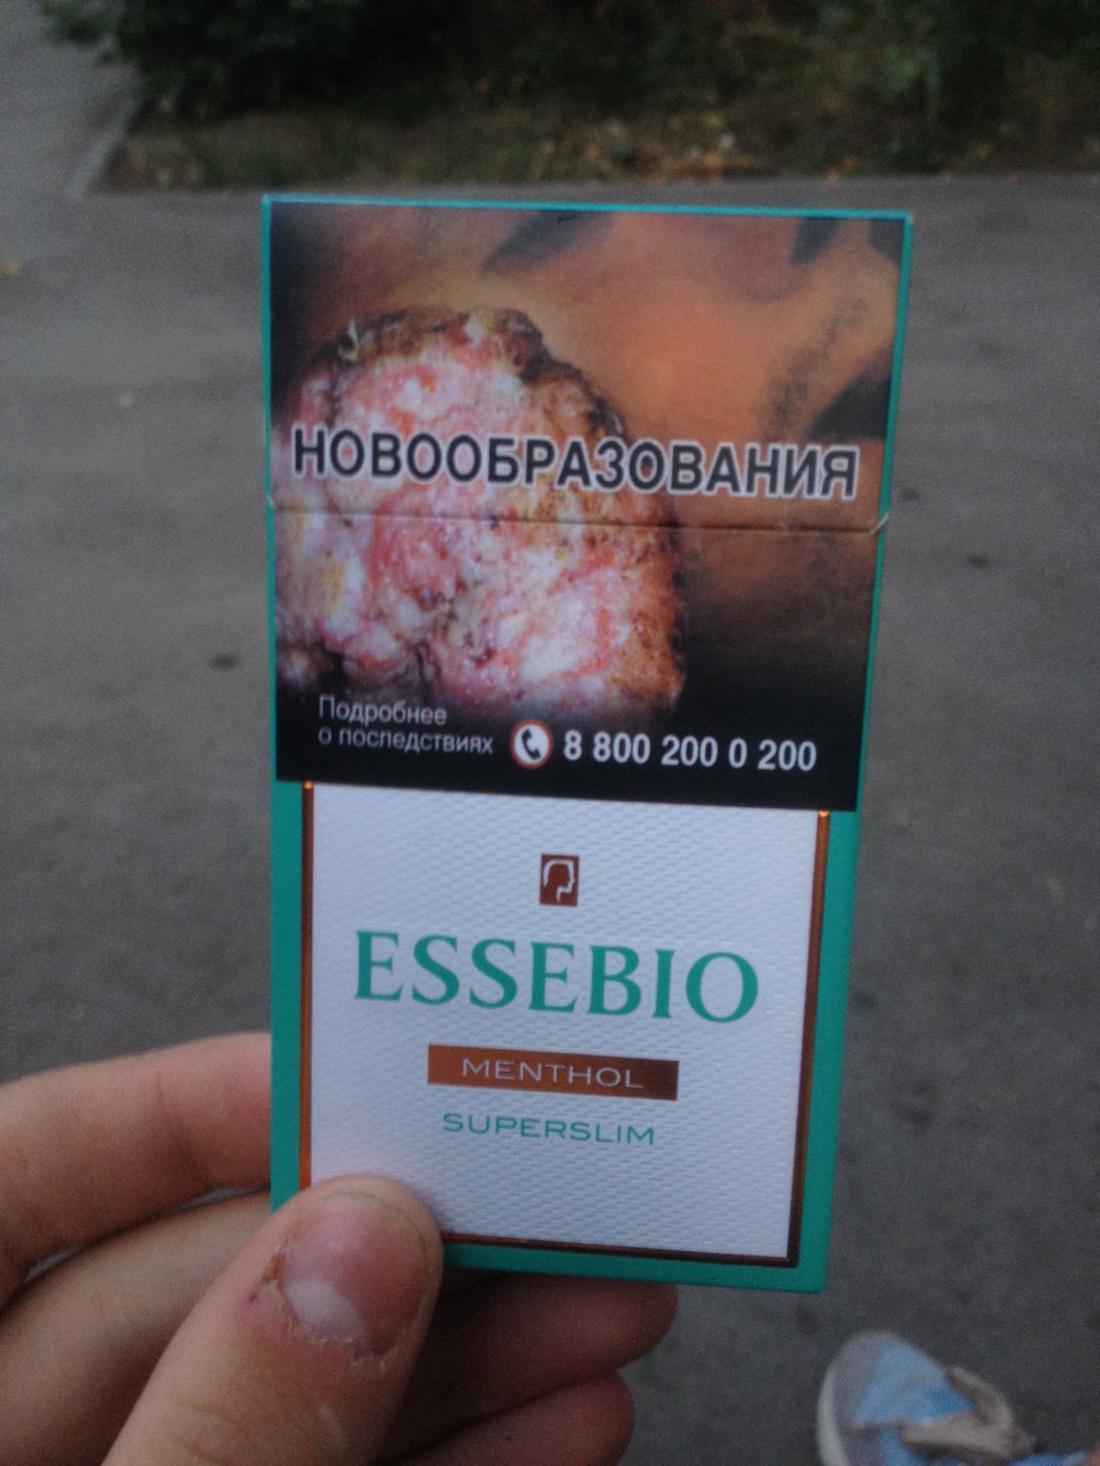 essebio сигареты купить в москве